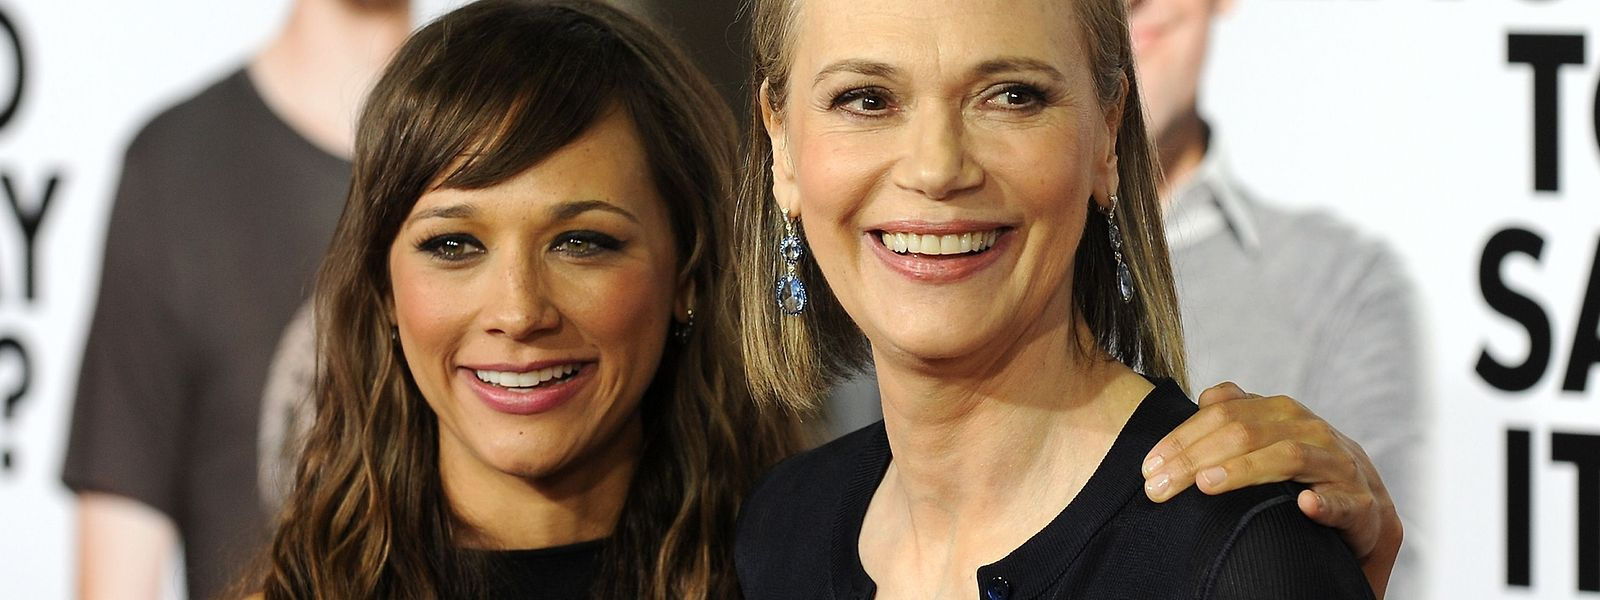 Peggy Lipton mit ihrer Tochter Rashida Jones bei einer Filmpremiere im Jahr 2009.